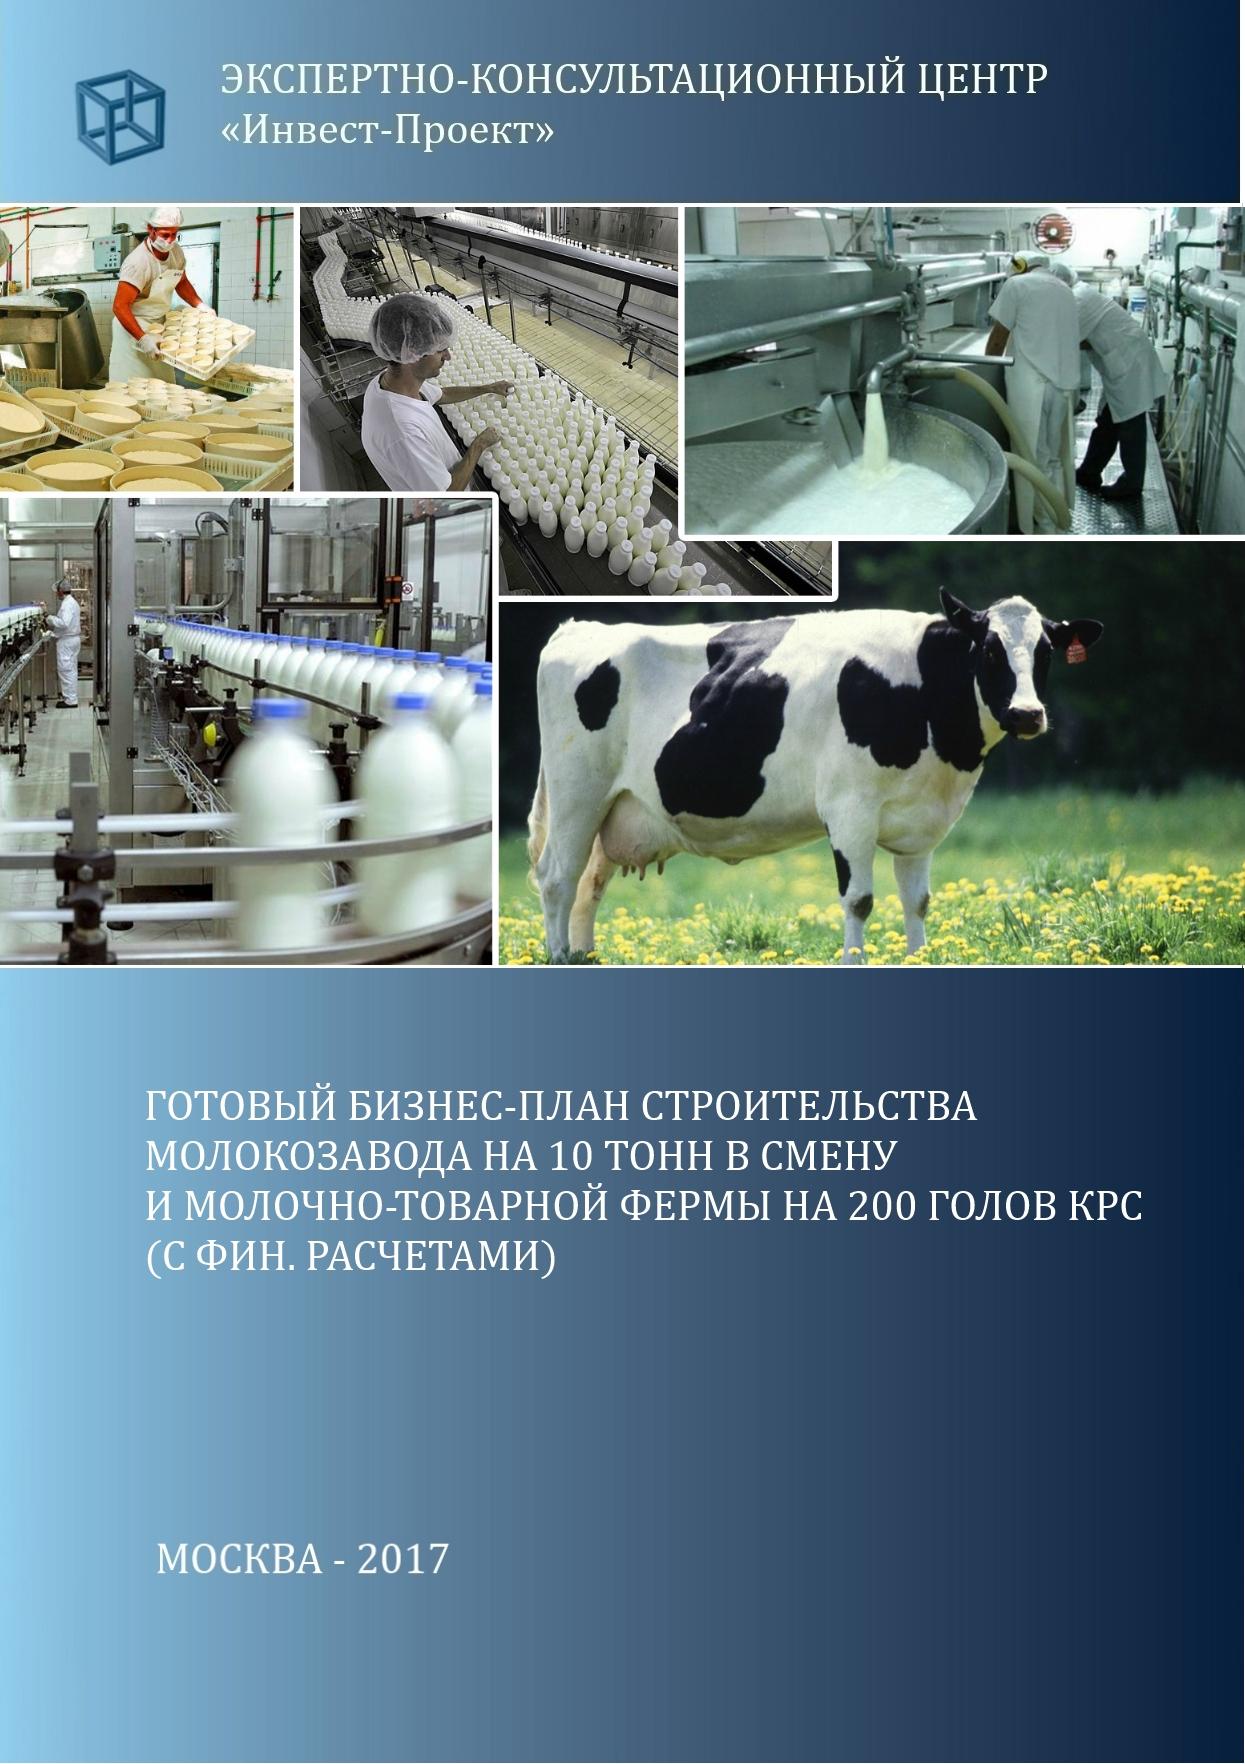 Бизнес планы для сельхозпроизводителей упрощенная форма бизнес плана